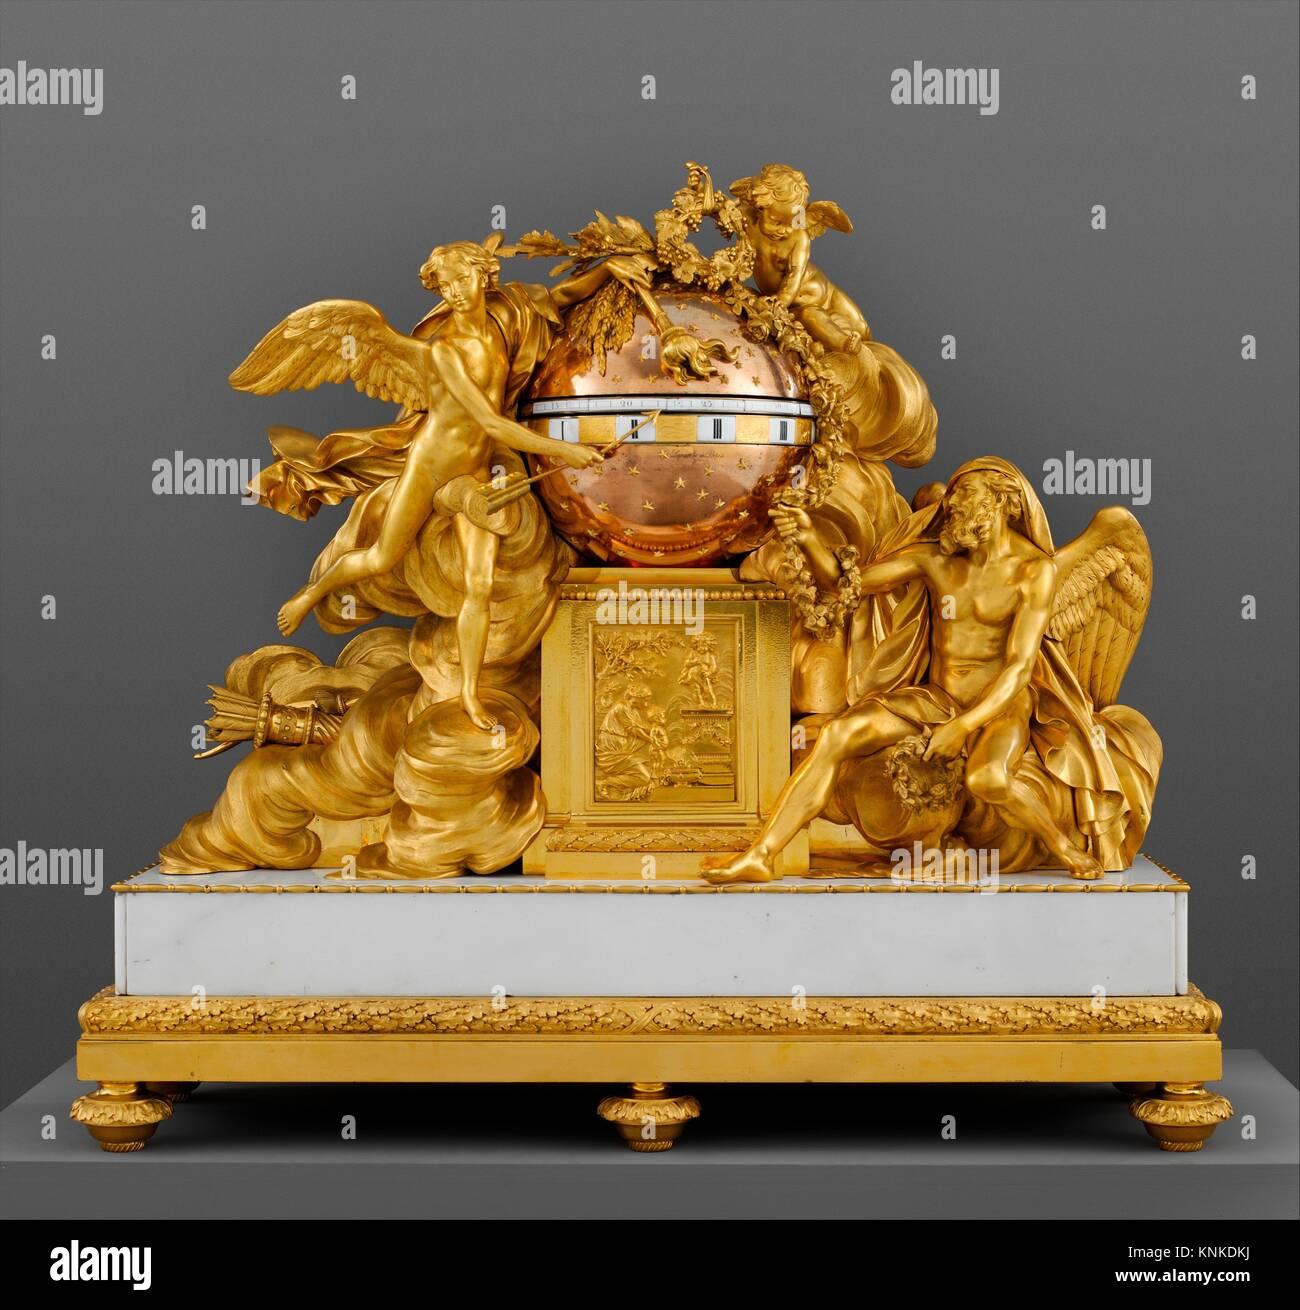 Mantel clock. Maker: Clockmaker: Jean-Baptiste Lepaute (French, 1727-1802); Modeler: Figures modeled by Augustin - Stock Image